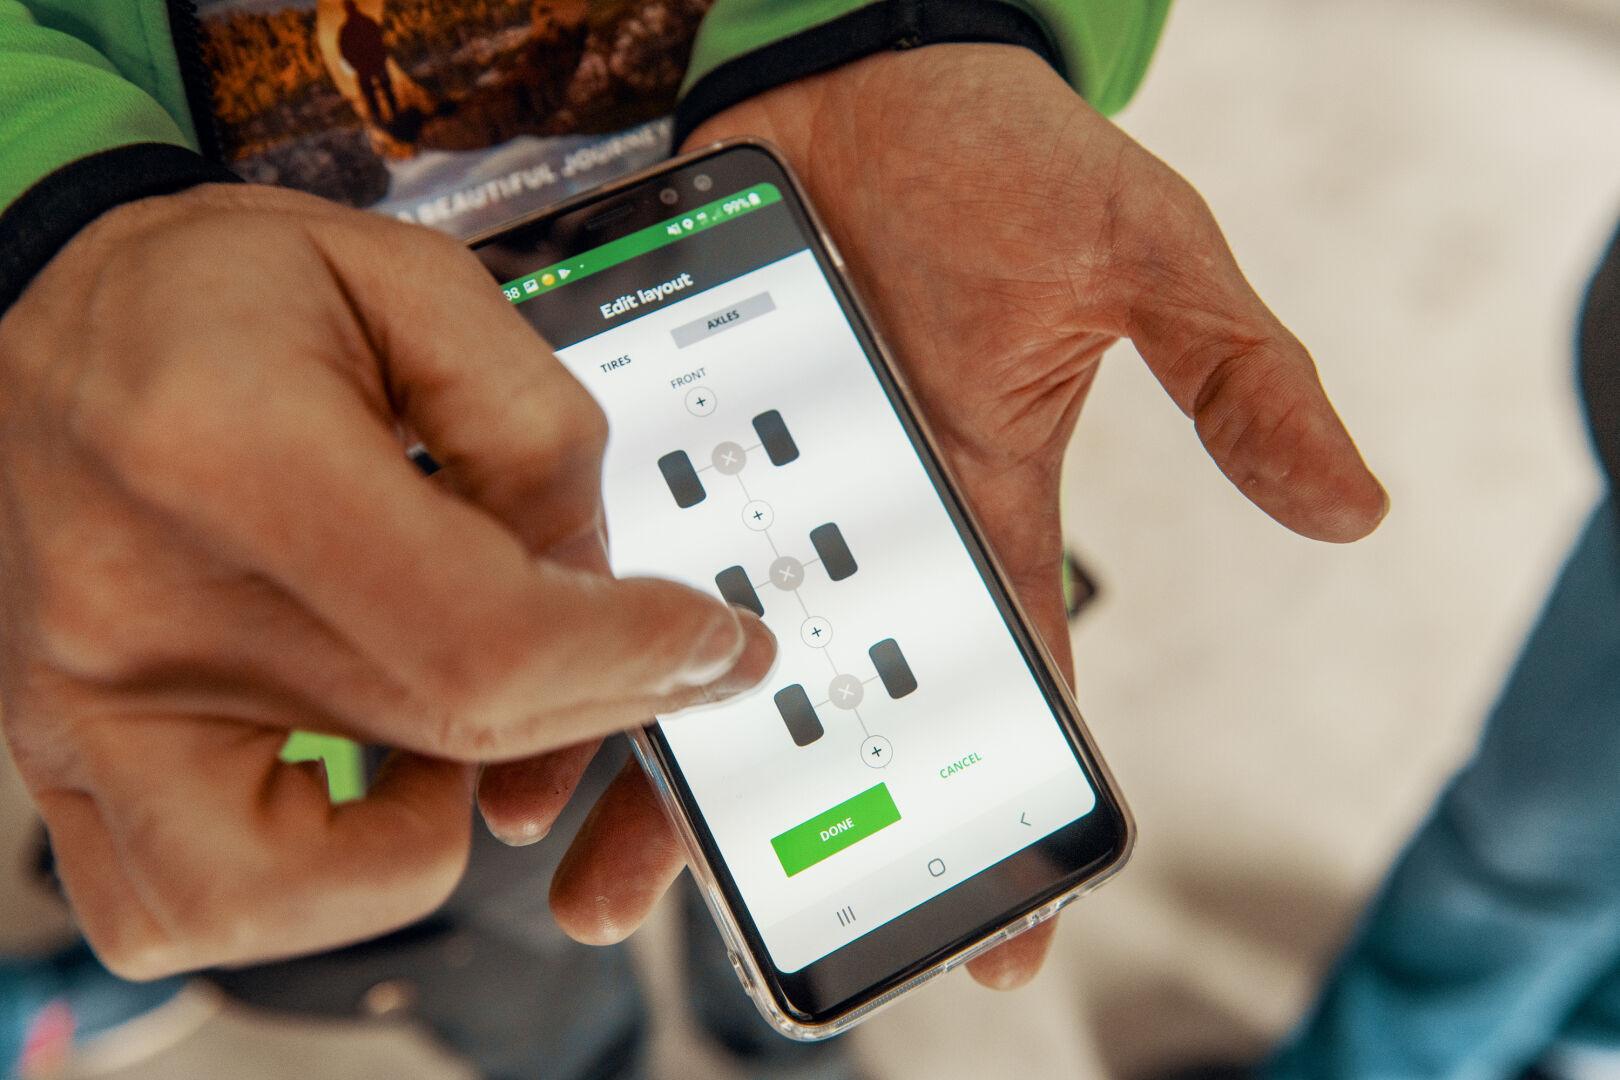 Anvelopele inteligente, in curand pe piata: Cum vor beneficia consumatorii de tehnologia cu senzori? - Anvelopele inteligente, in curand pe piata: Cum vor beneficia consumatorii de tehnologia cu senzori?